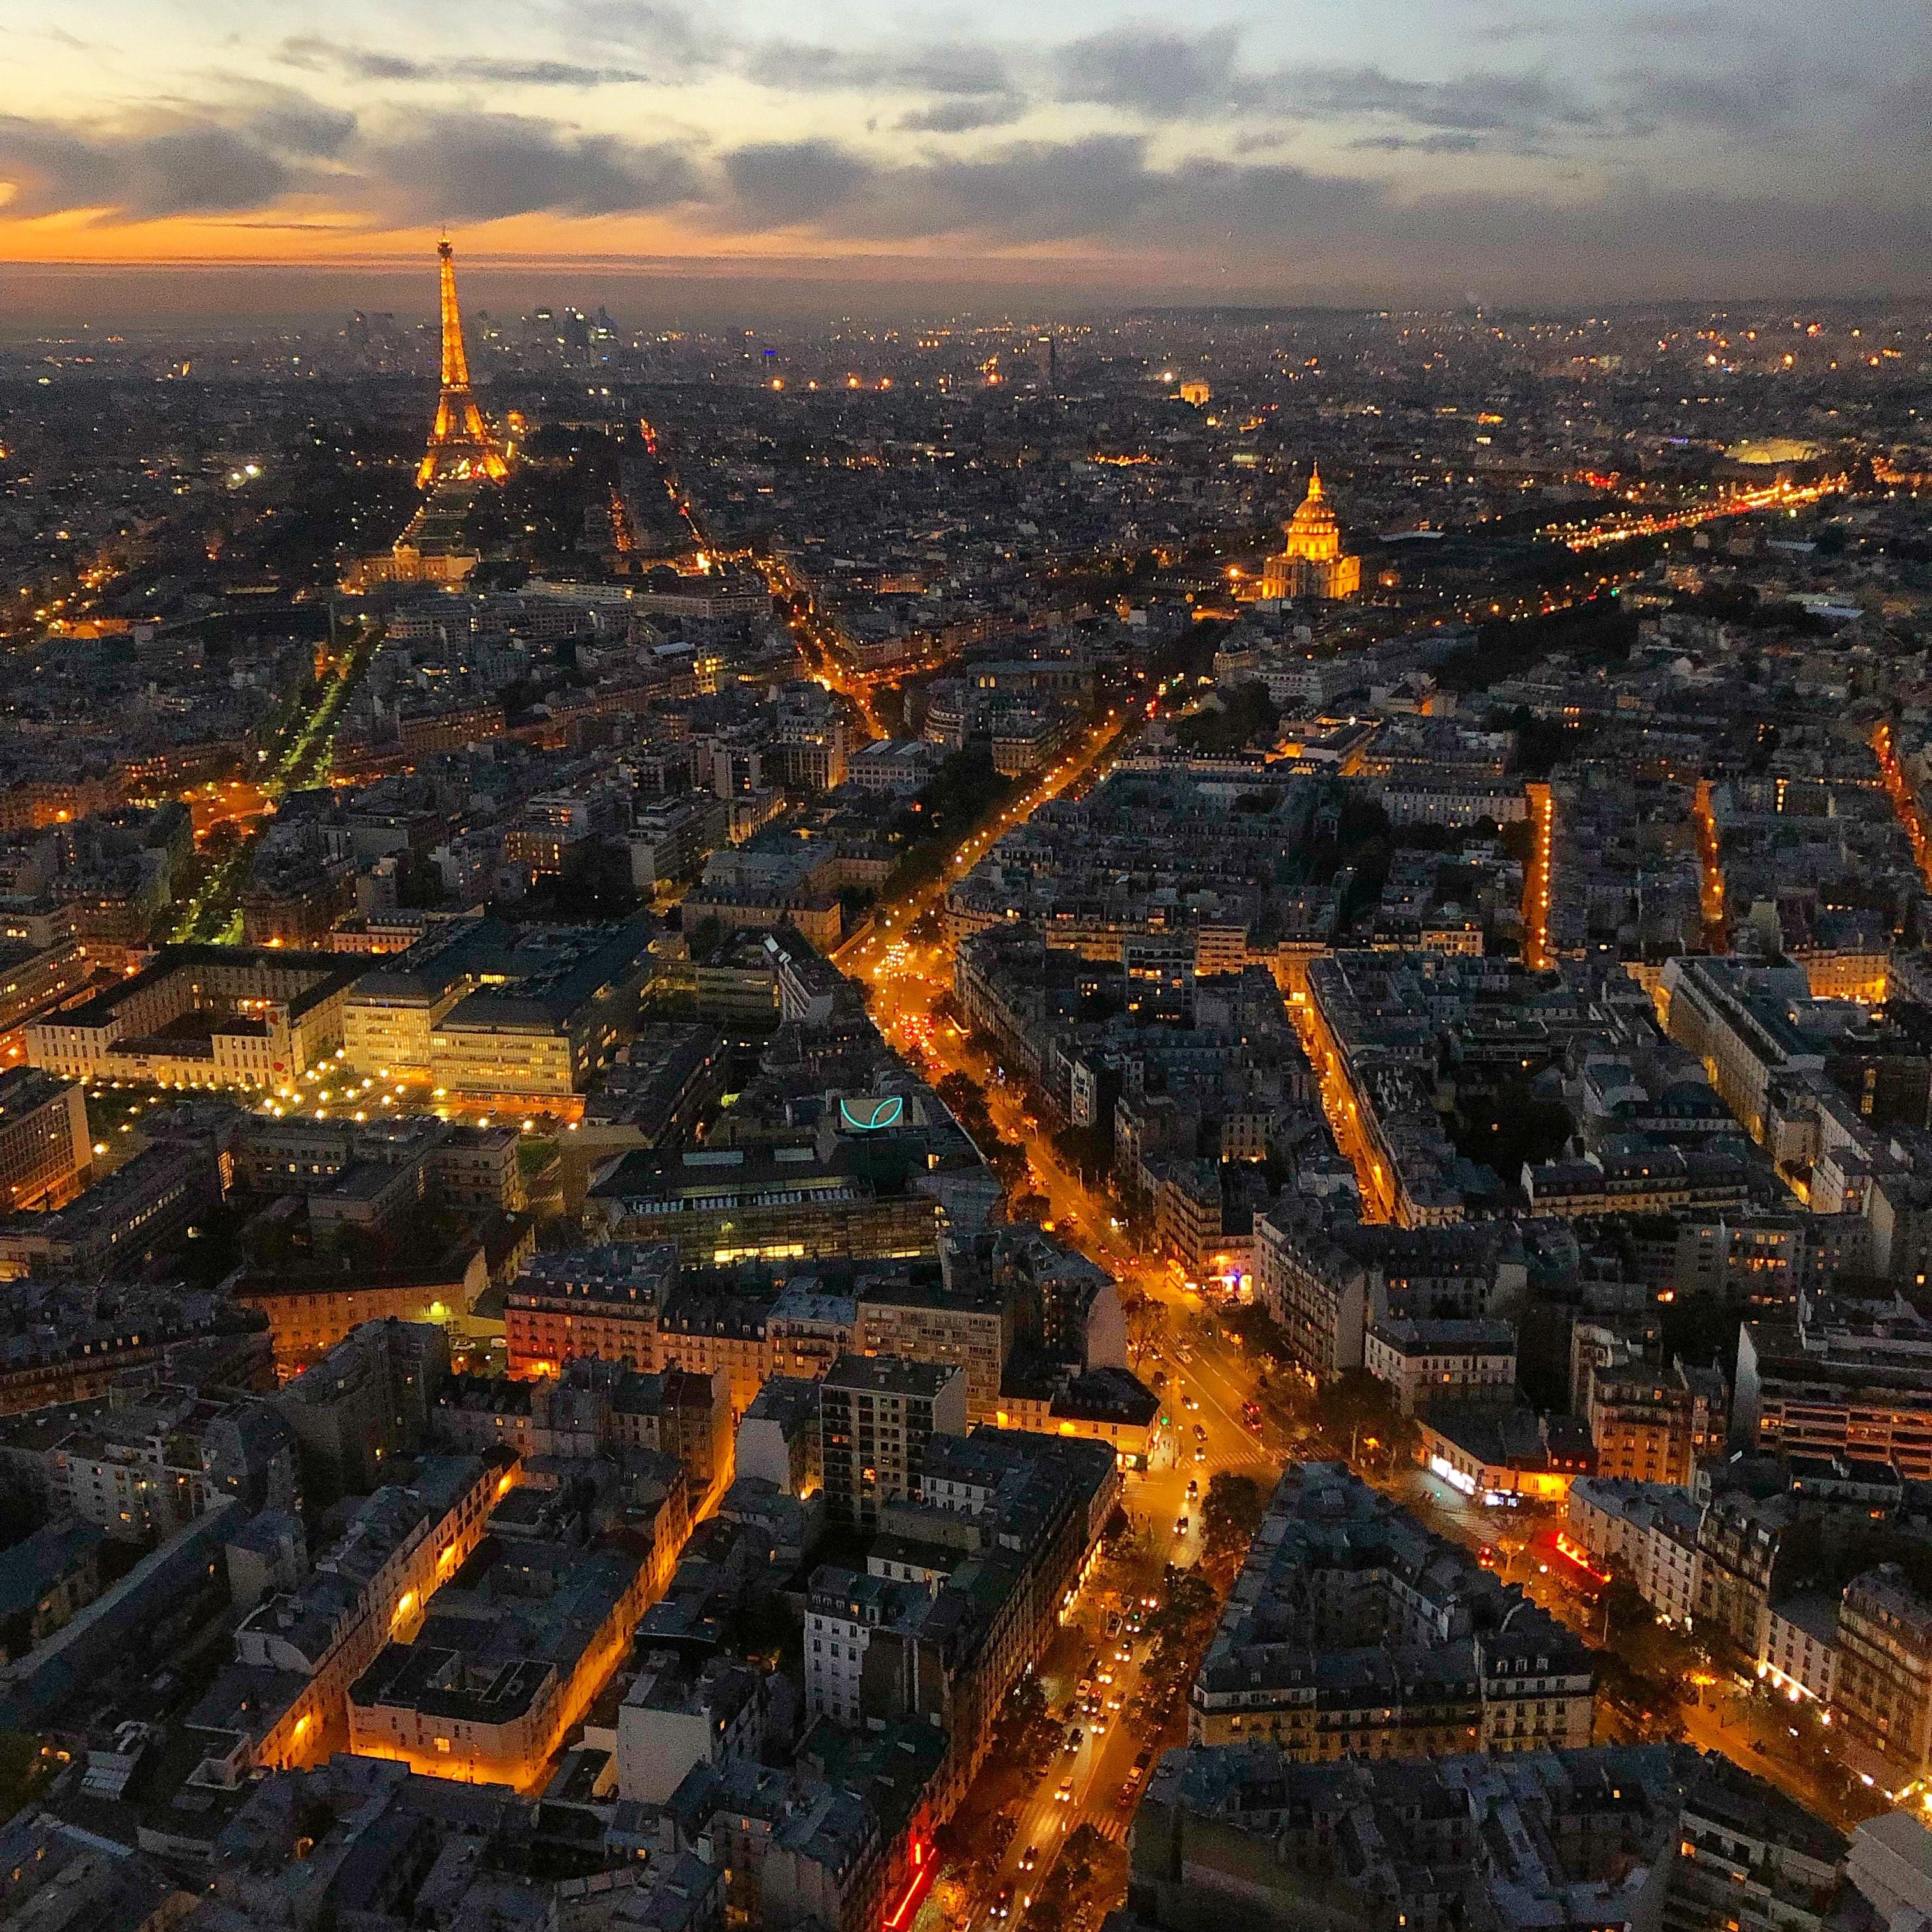 Vista de pájaro en París